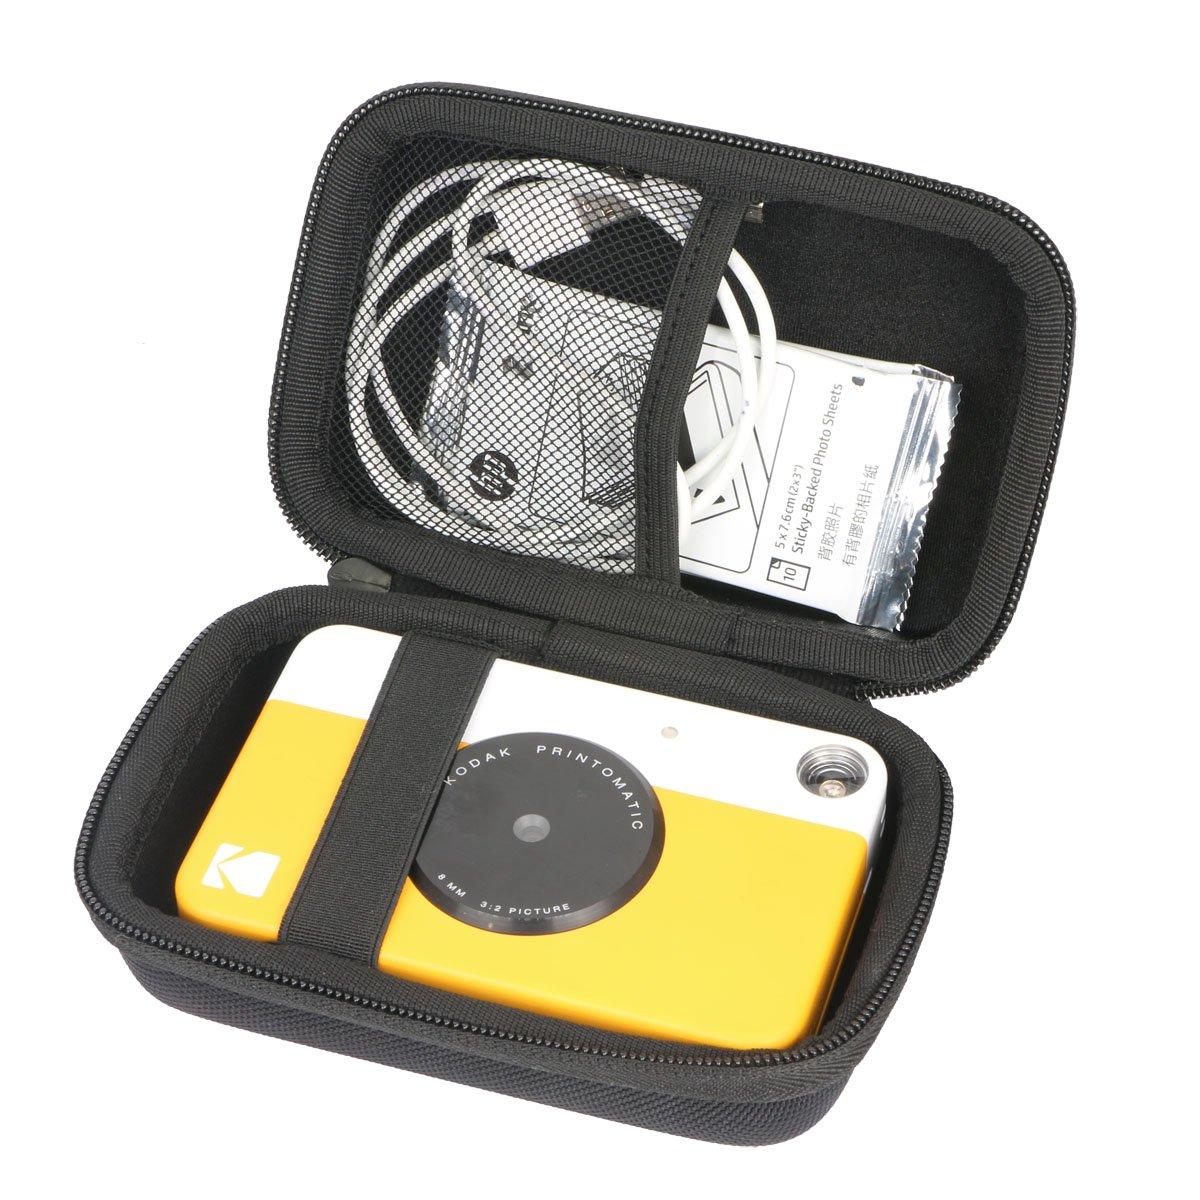 pour Kodak - Appareil Photo à Impression instantanée Kodak Printomatic EVA Dur Cas Voyage Etui Housse Sac Case by Khanka